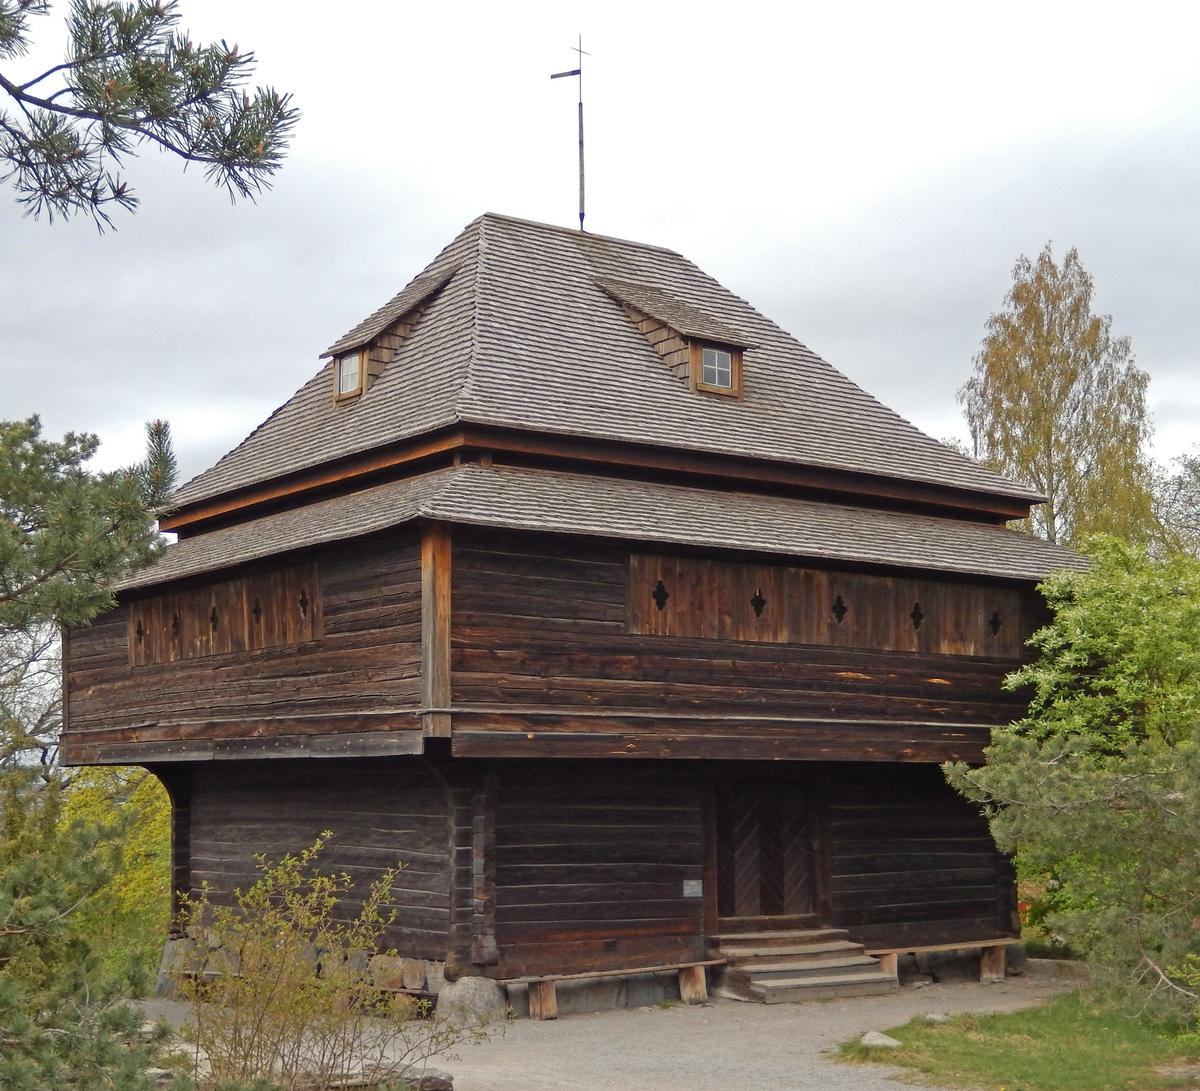 Fatburen på Skogaholm är en förrådsbod, timrad i tre våningar med ett rum på varje våningsplan. Runt mellanvåningen löper en svalgång med spåntäckt tak. Fatburen har ett valmat spåntak, dvs taket har fall åt fyra håll. Fyra takkupor med små fönster släpper in dagsljus i den översta våningen.   Fatburen kopierades efter en fatbur på Björkviks herrgård, Östra Ryds socken i sydöstra Östergötland och byggdes upp på Skansen 1893. Förlagan har bedömts vara från 1600-talet men byggnadstypen är ålderdomlig.